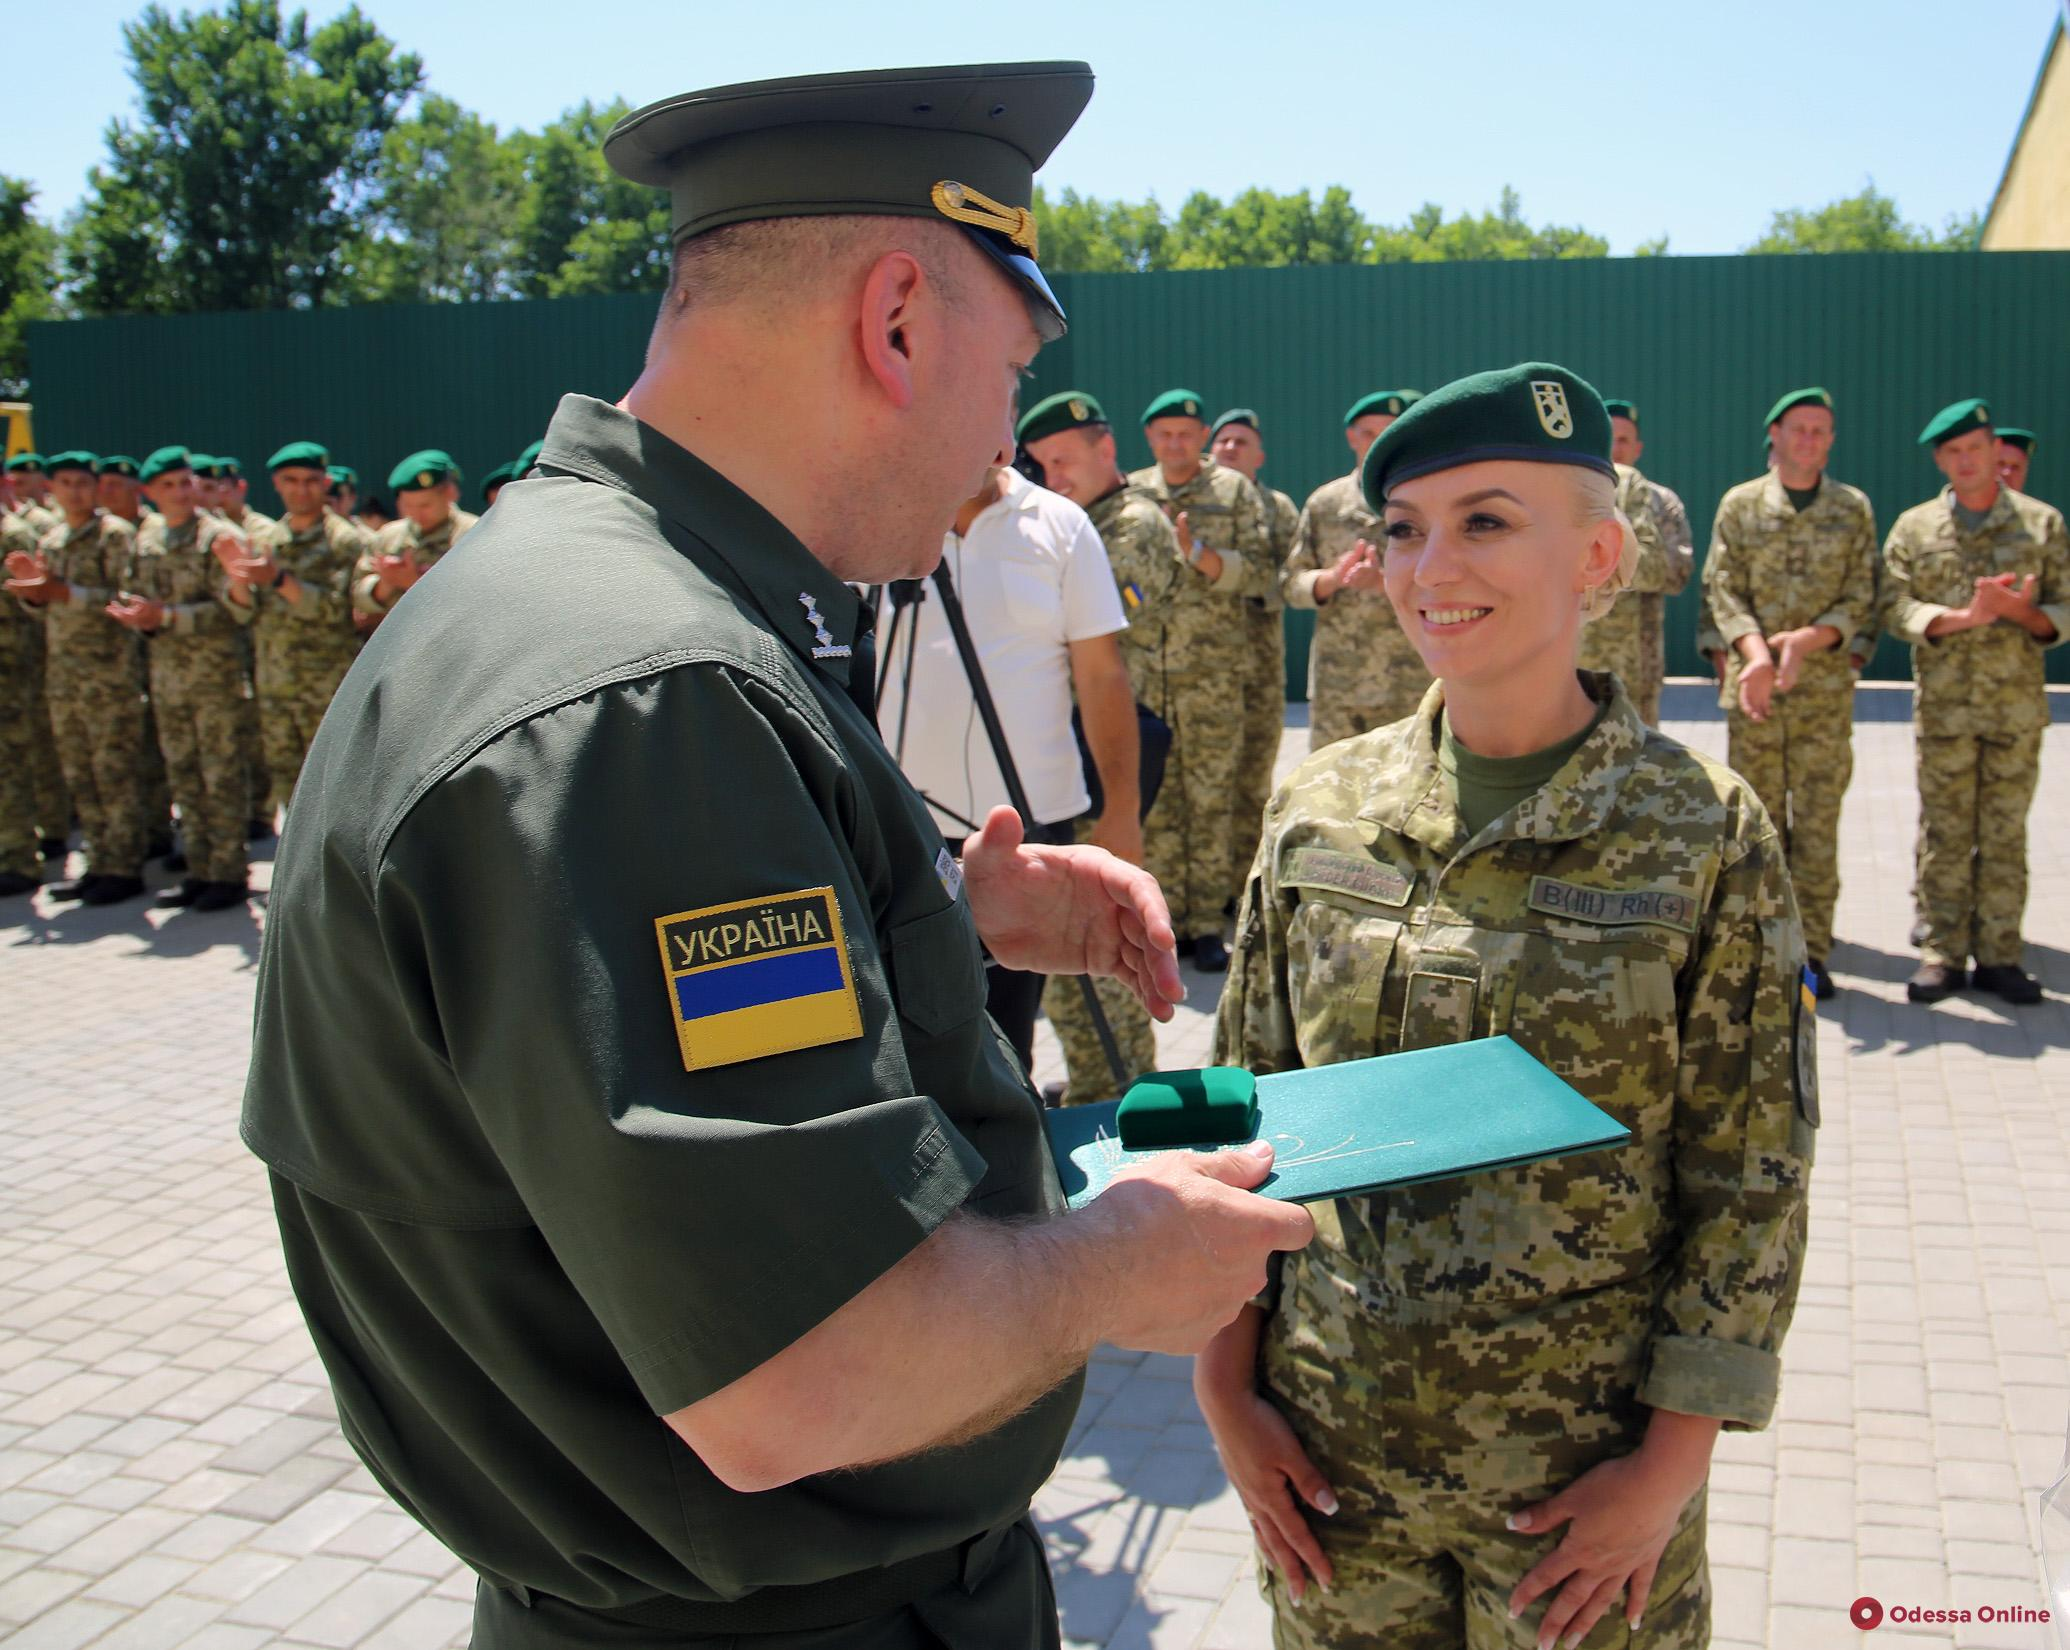 Одесская область: пограничникам вручили ключи от квартир (фото)